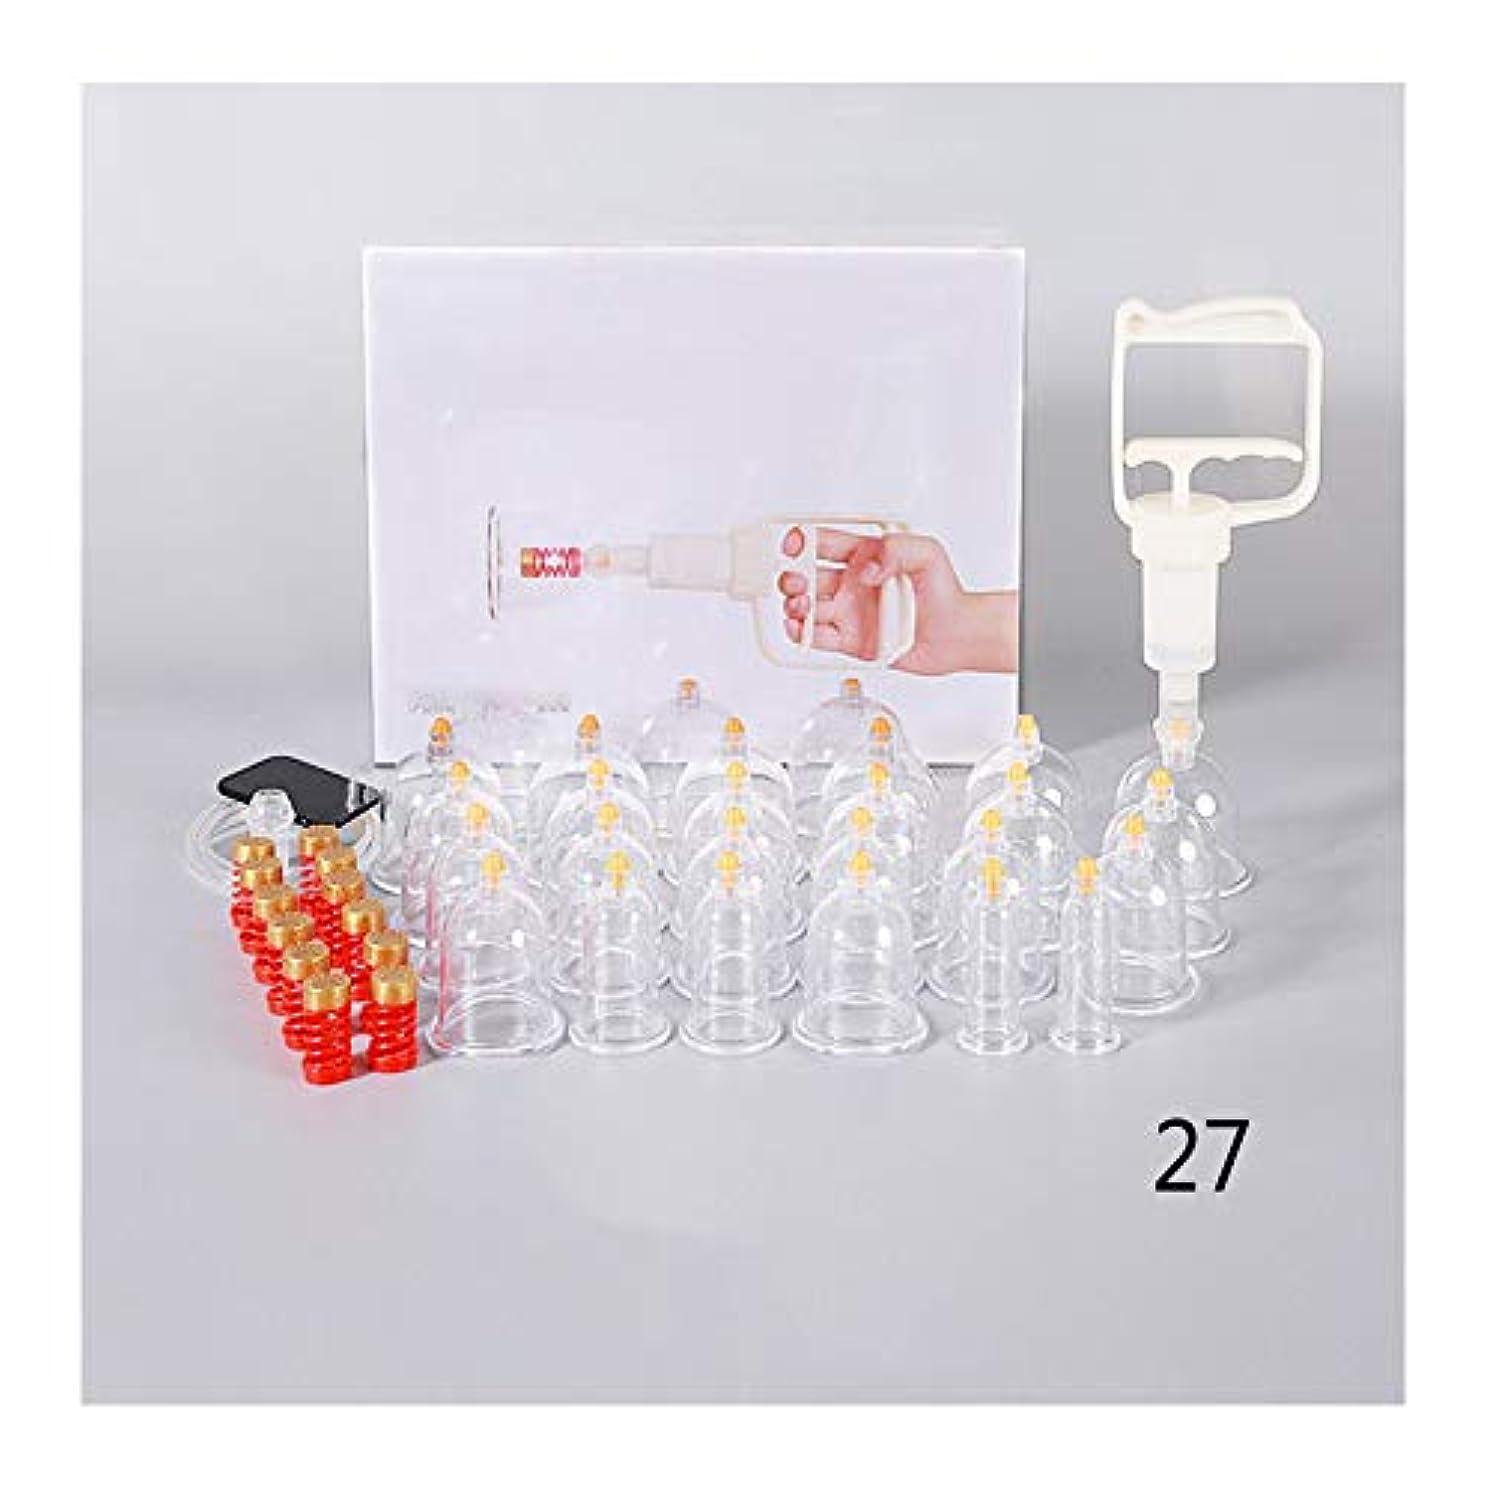 アナリスト解くダース27カップカッピングセットプラスチック、真空吸引中国のツボ療法、在宅医療、筋肉関節痛、肩背部膝痛の軽減に最適